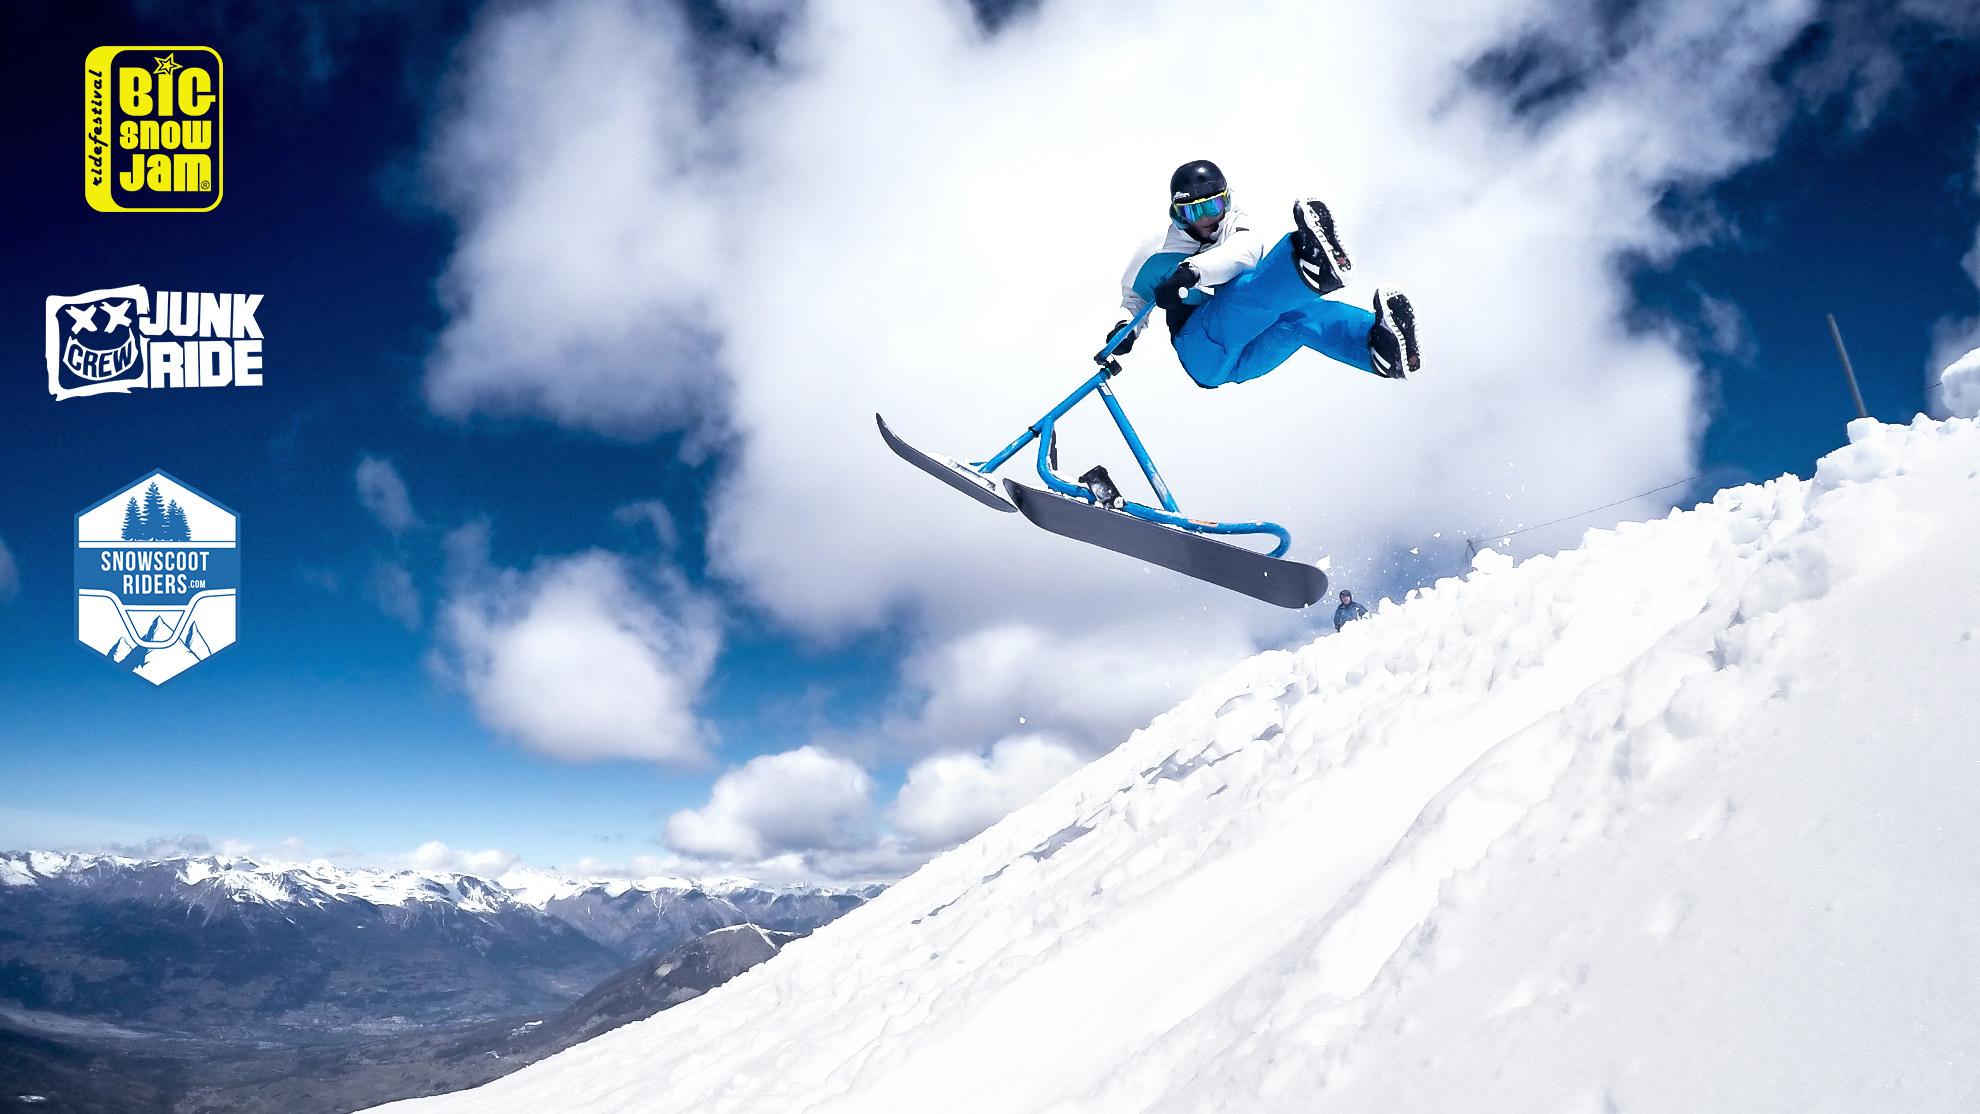 Big Snow Jam 2015